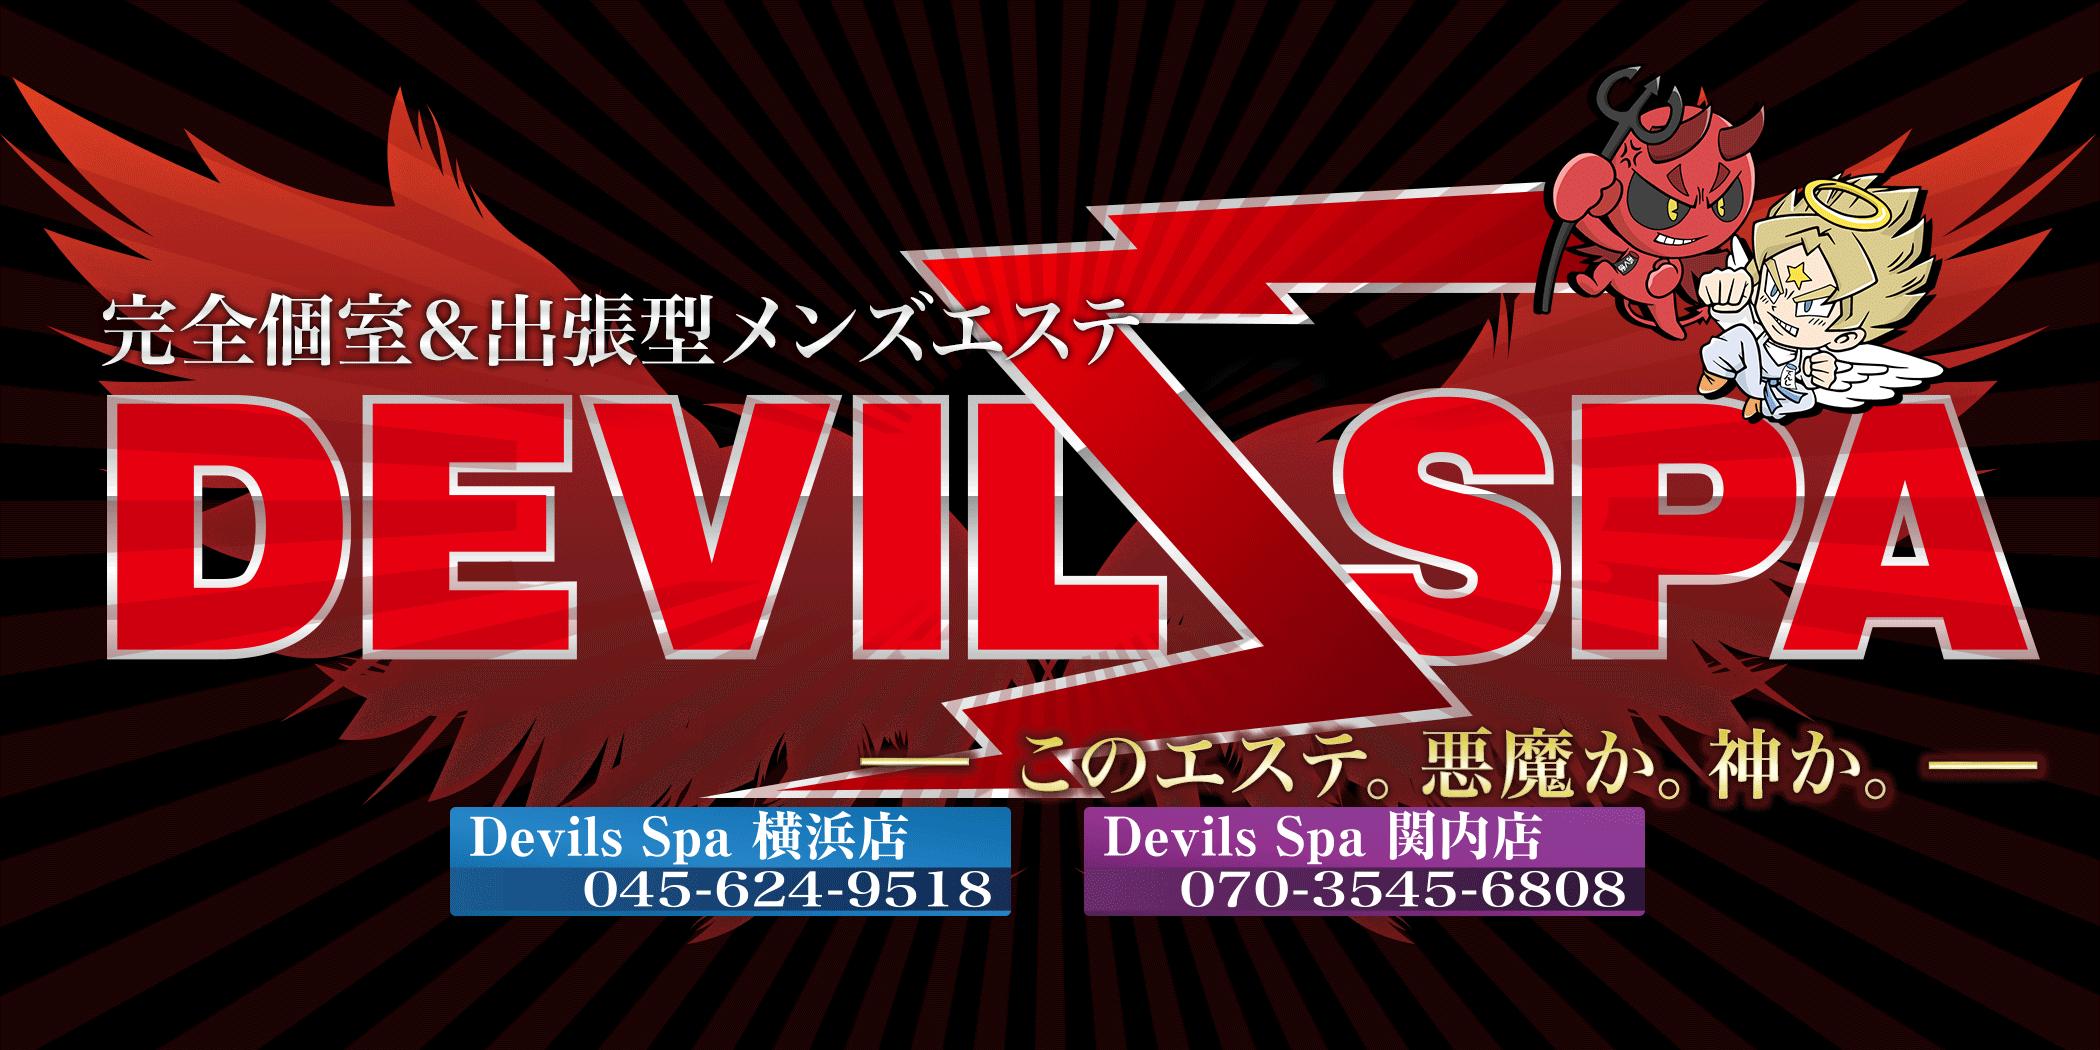 「横浜・みなとみらい」にグランドオープン!完全個室&出張型・完全予約制の高級メンズエステ『DEVILsSPA』このエステ。悪魔か。神か。